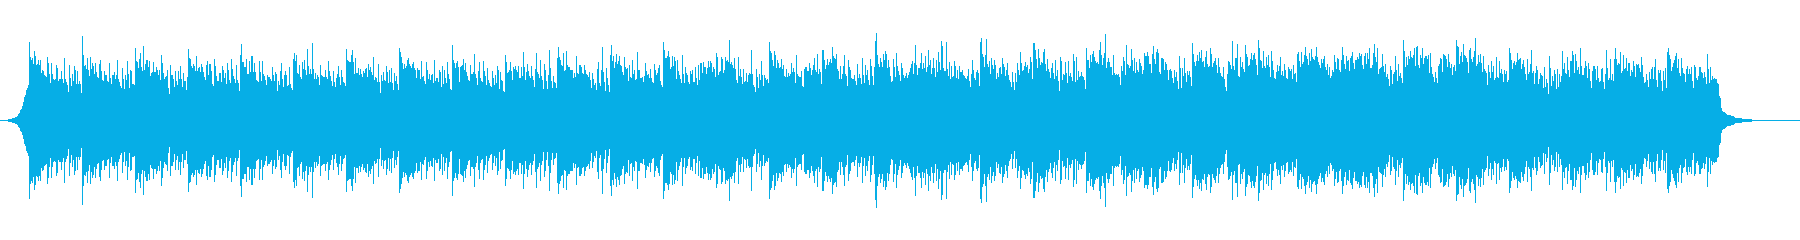 【リズム抜】落ち着いた夏のコーポレート系の再生済みの波形